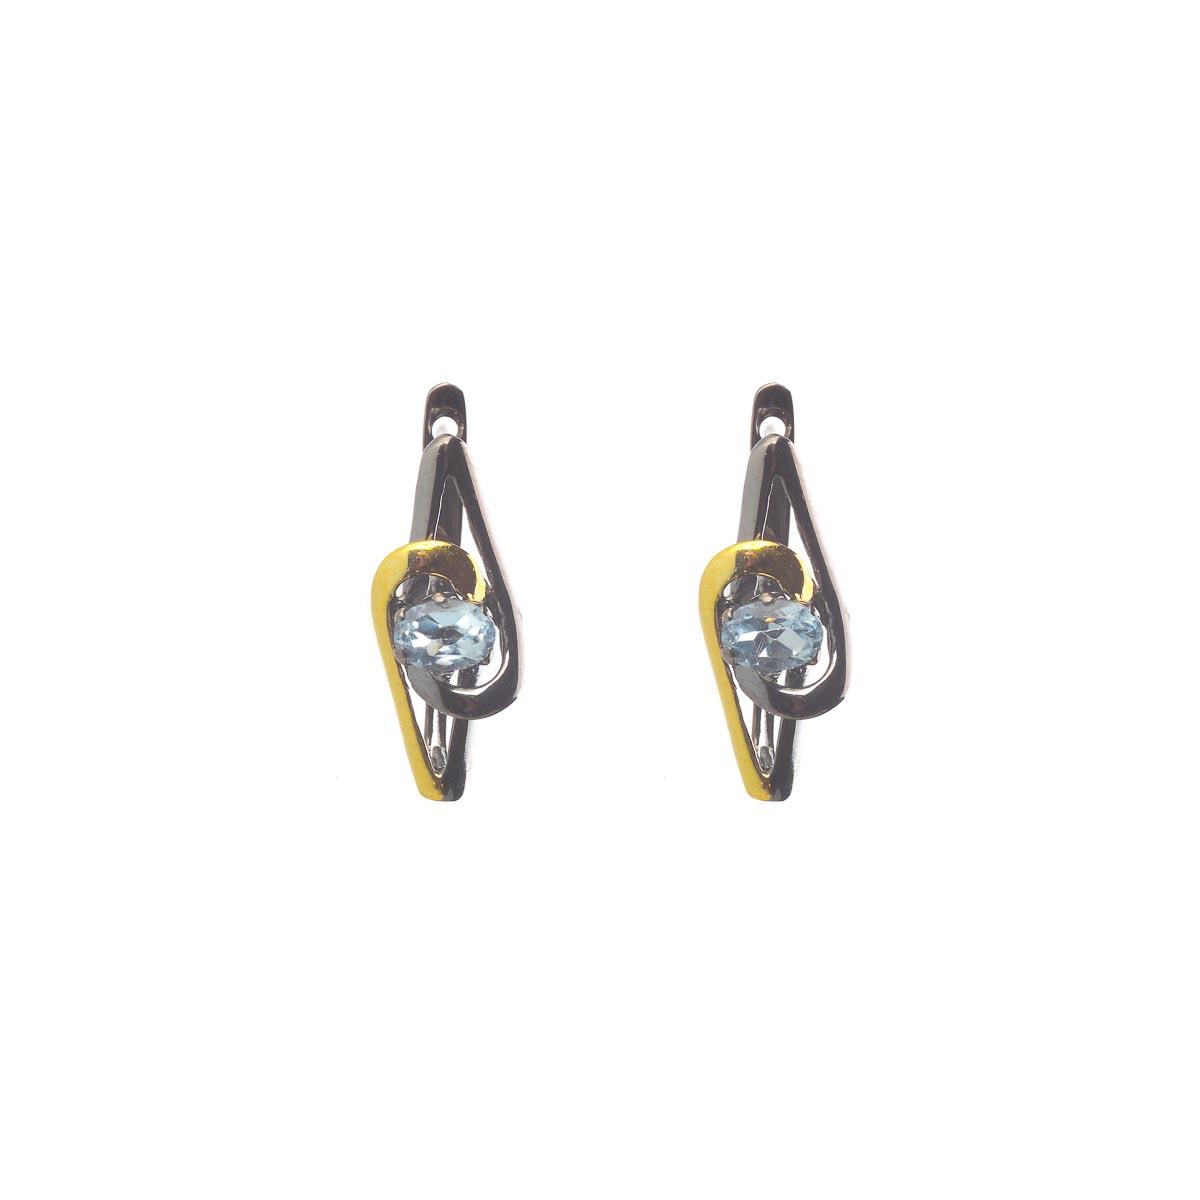 Комплект украшений с голубым топазом из серебра и черного родия